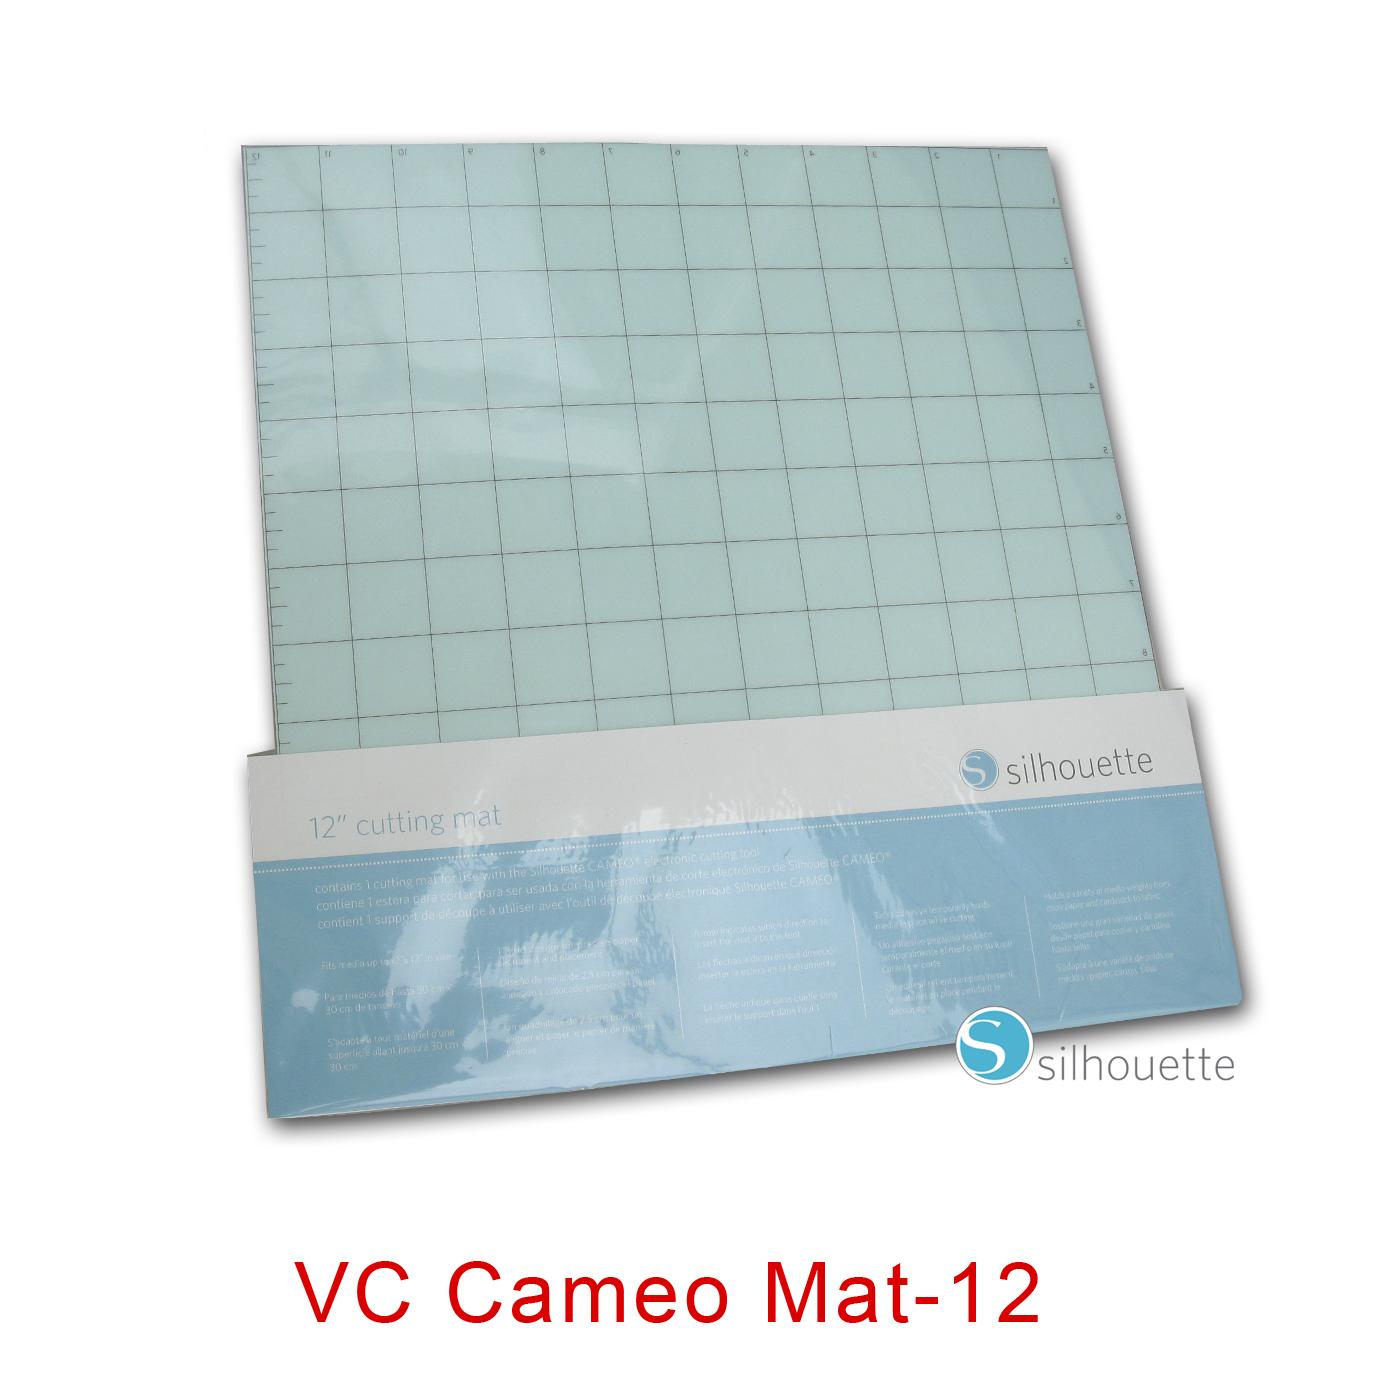 VC Cameo Mat-12